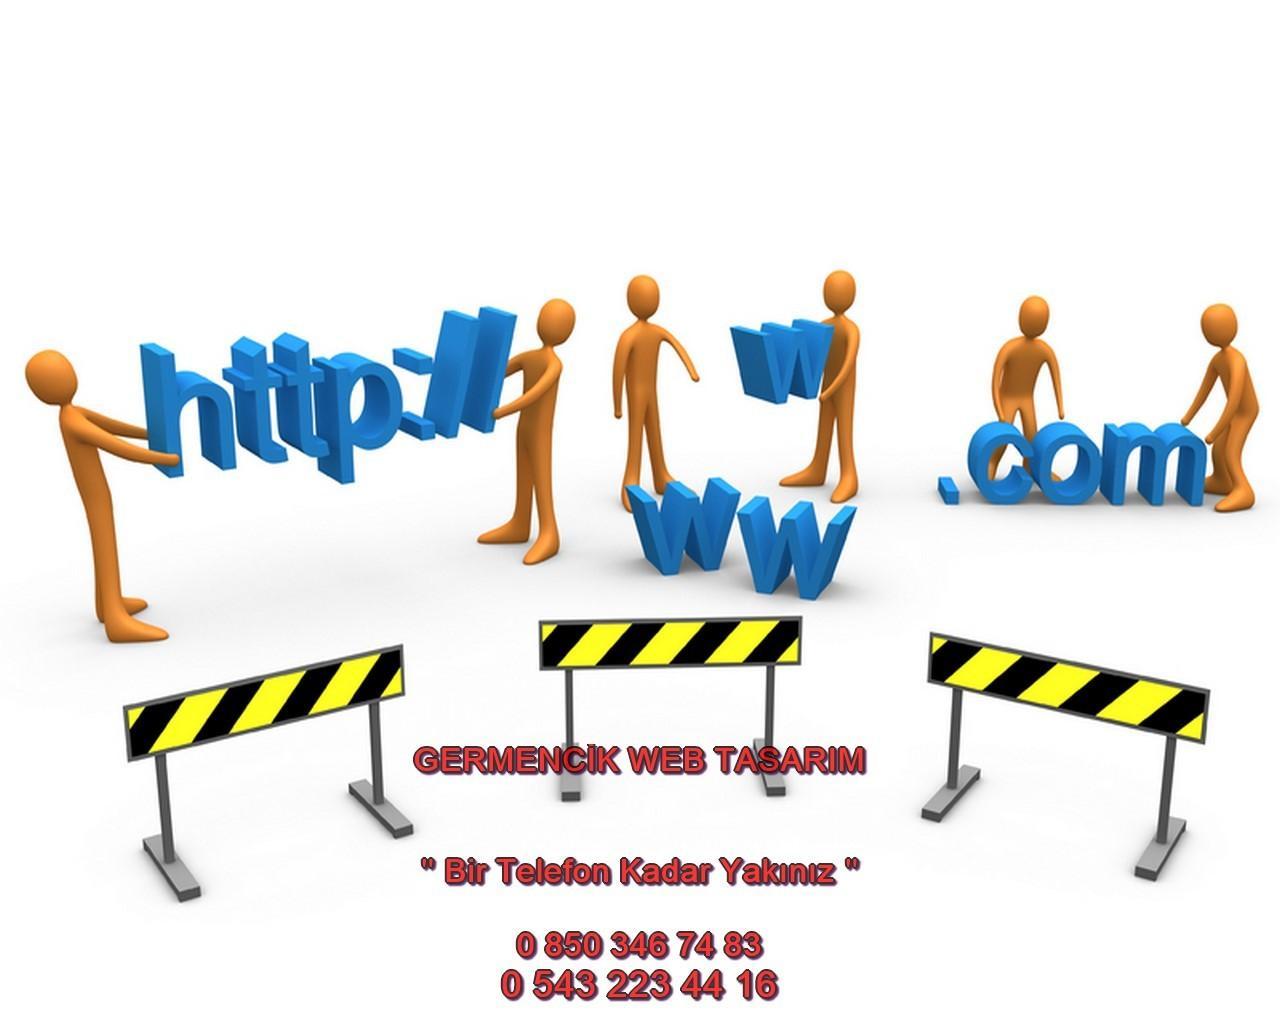 Germencik Web Tasarım